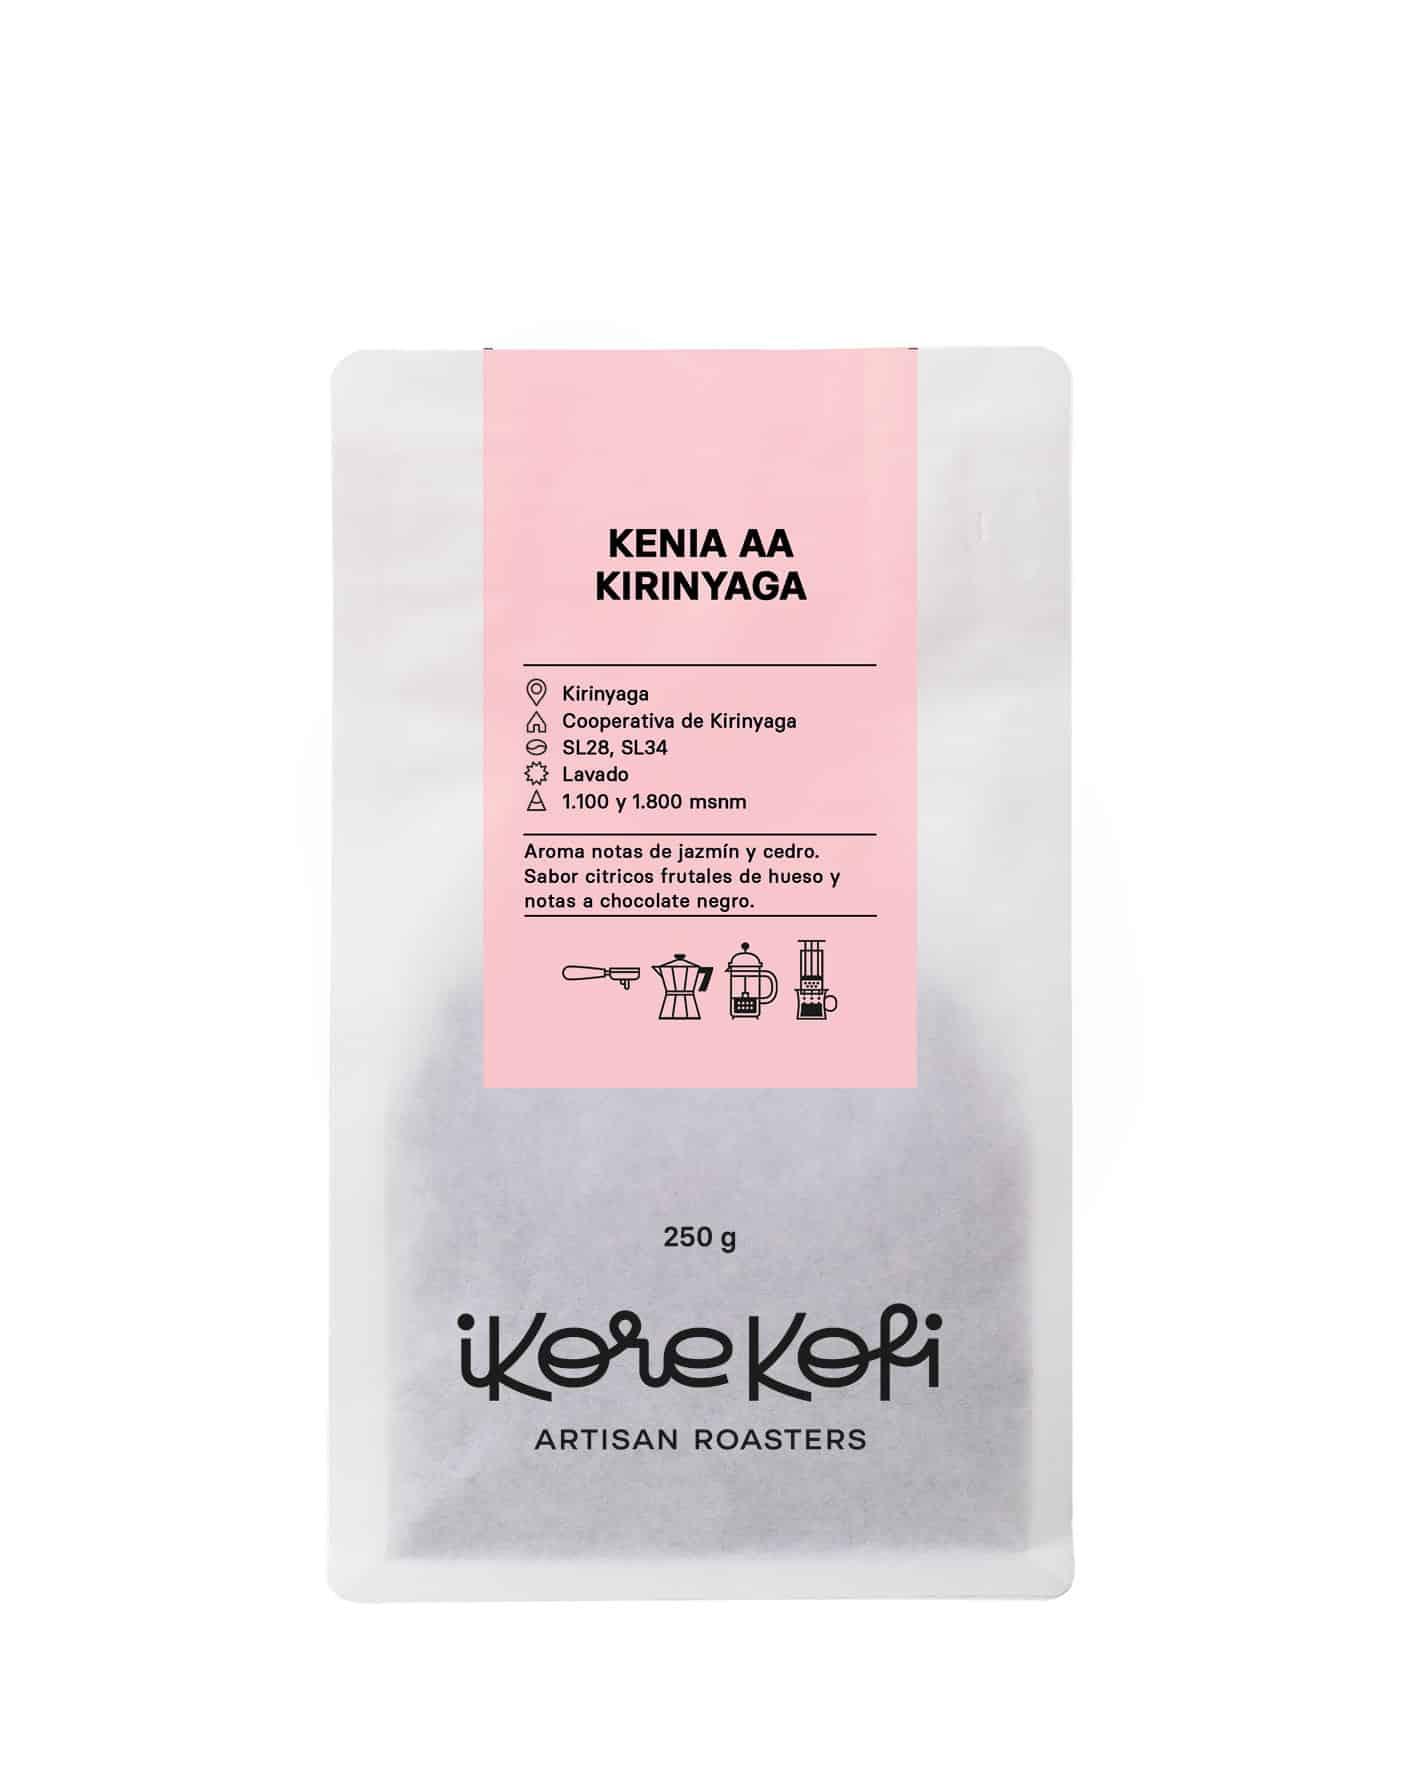 Café de ÁFRICA-Kenya AA Kirinyaga